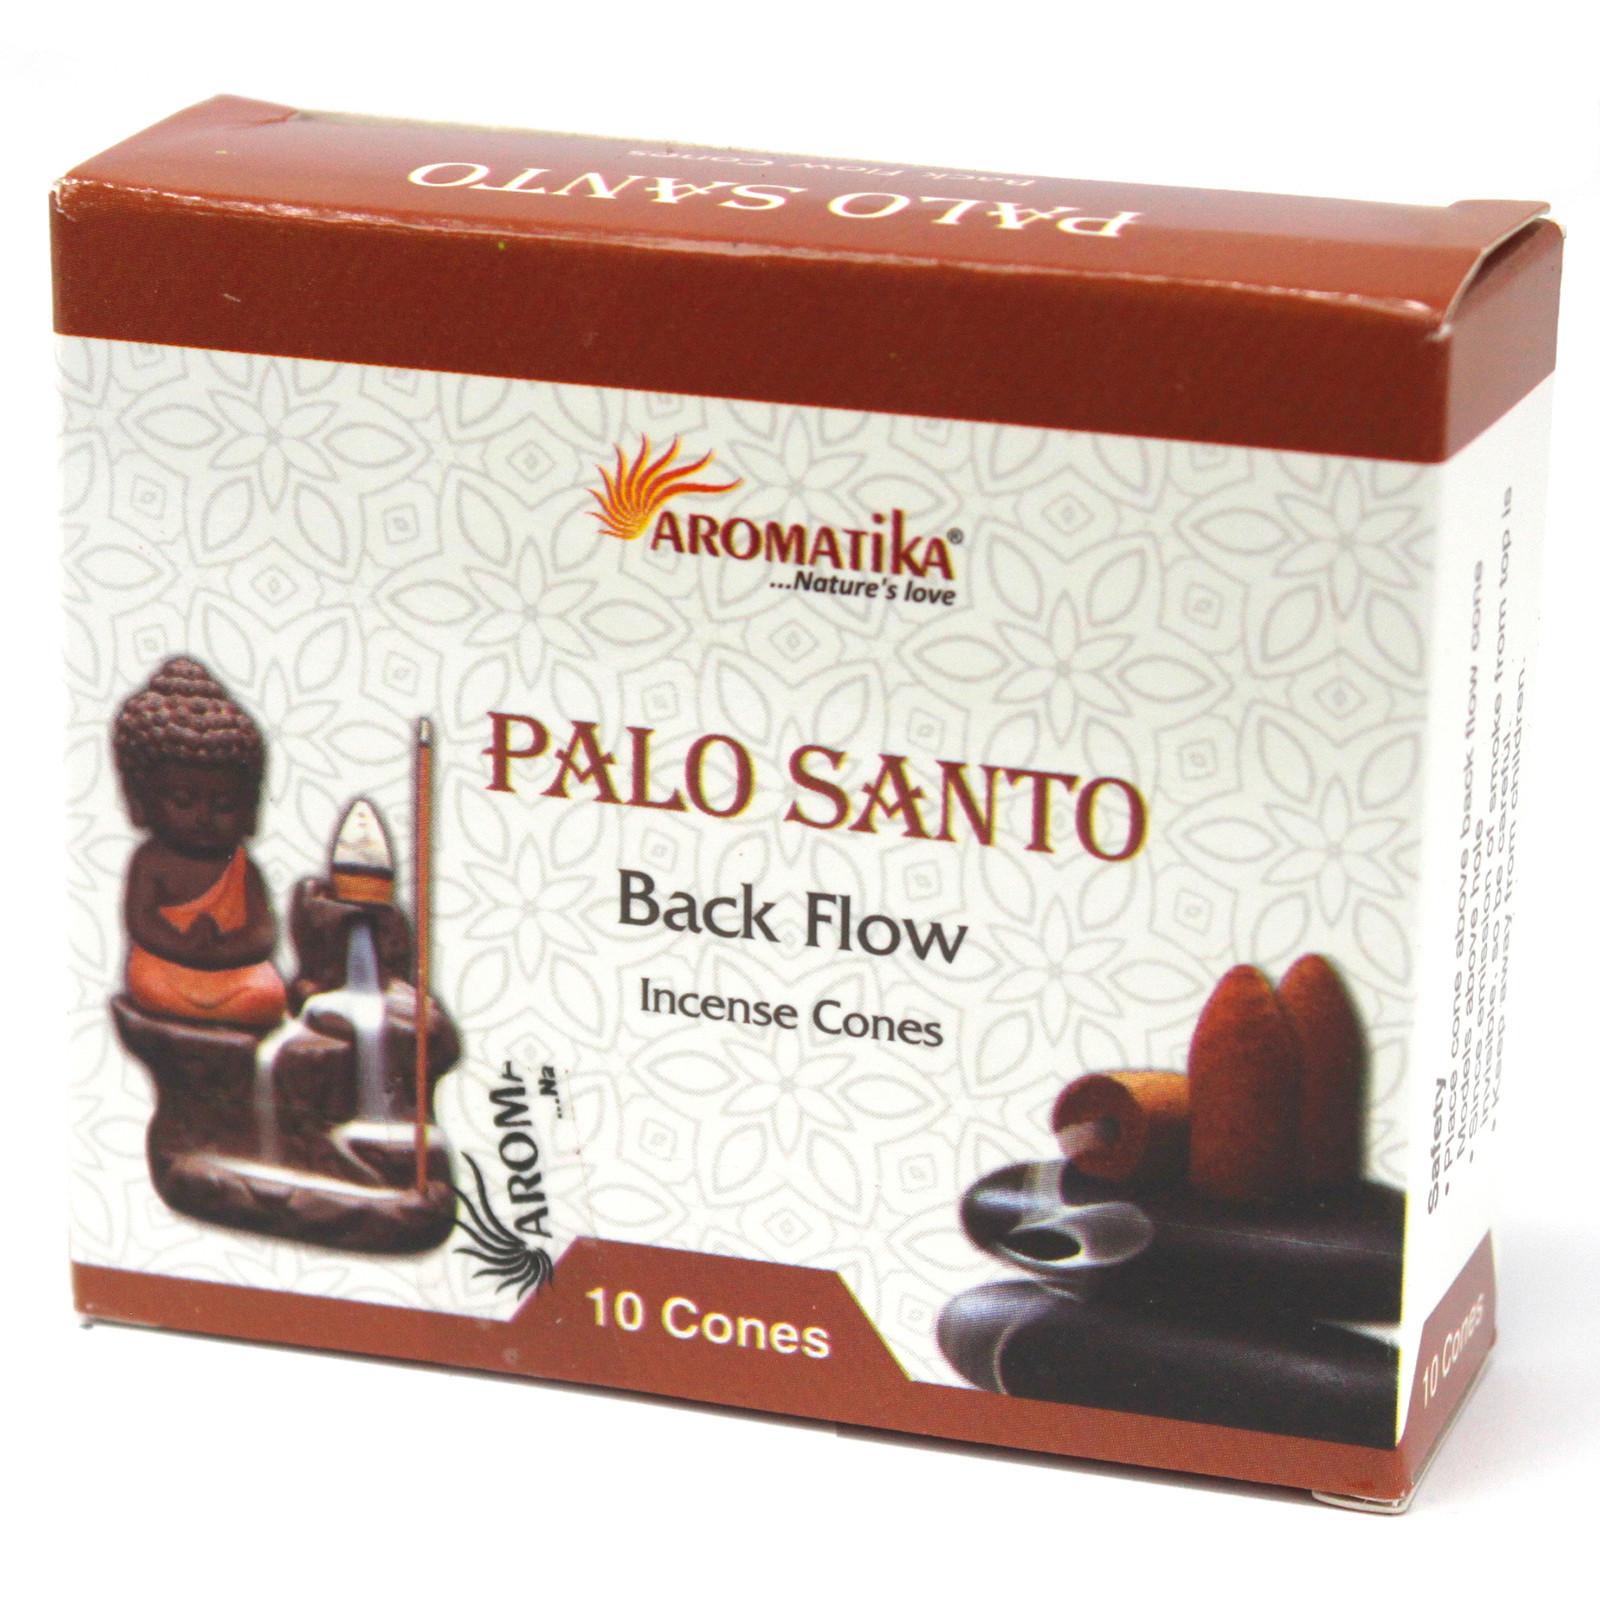 Aromatica Backflow Incense Cones Palo Santo